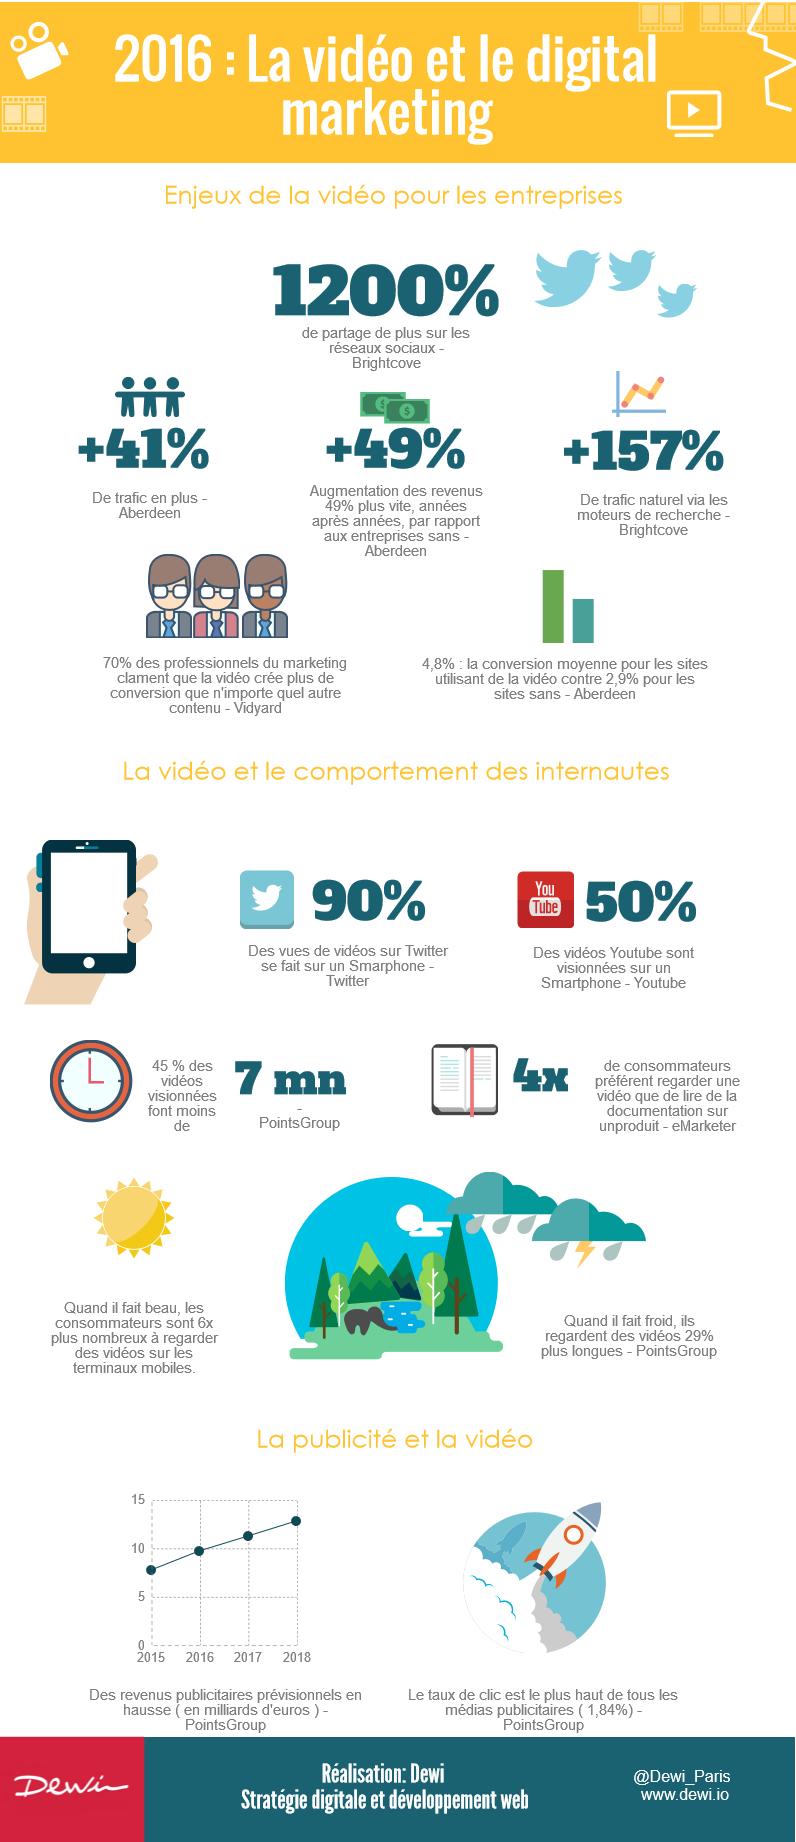 Nostromo agence de communication vous presente une infographie sur l'utilite de la video sur le web pour votre marketing digital